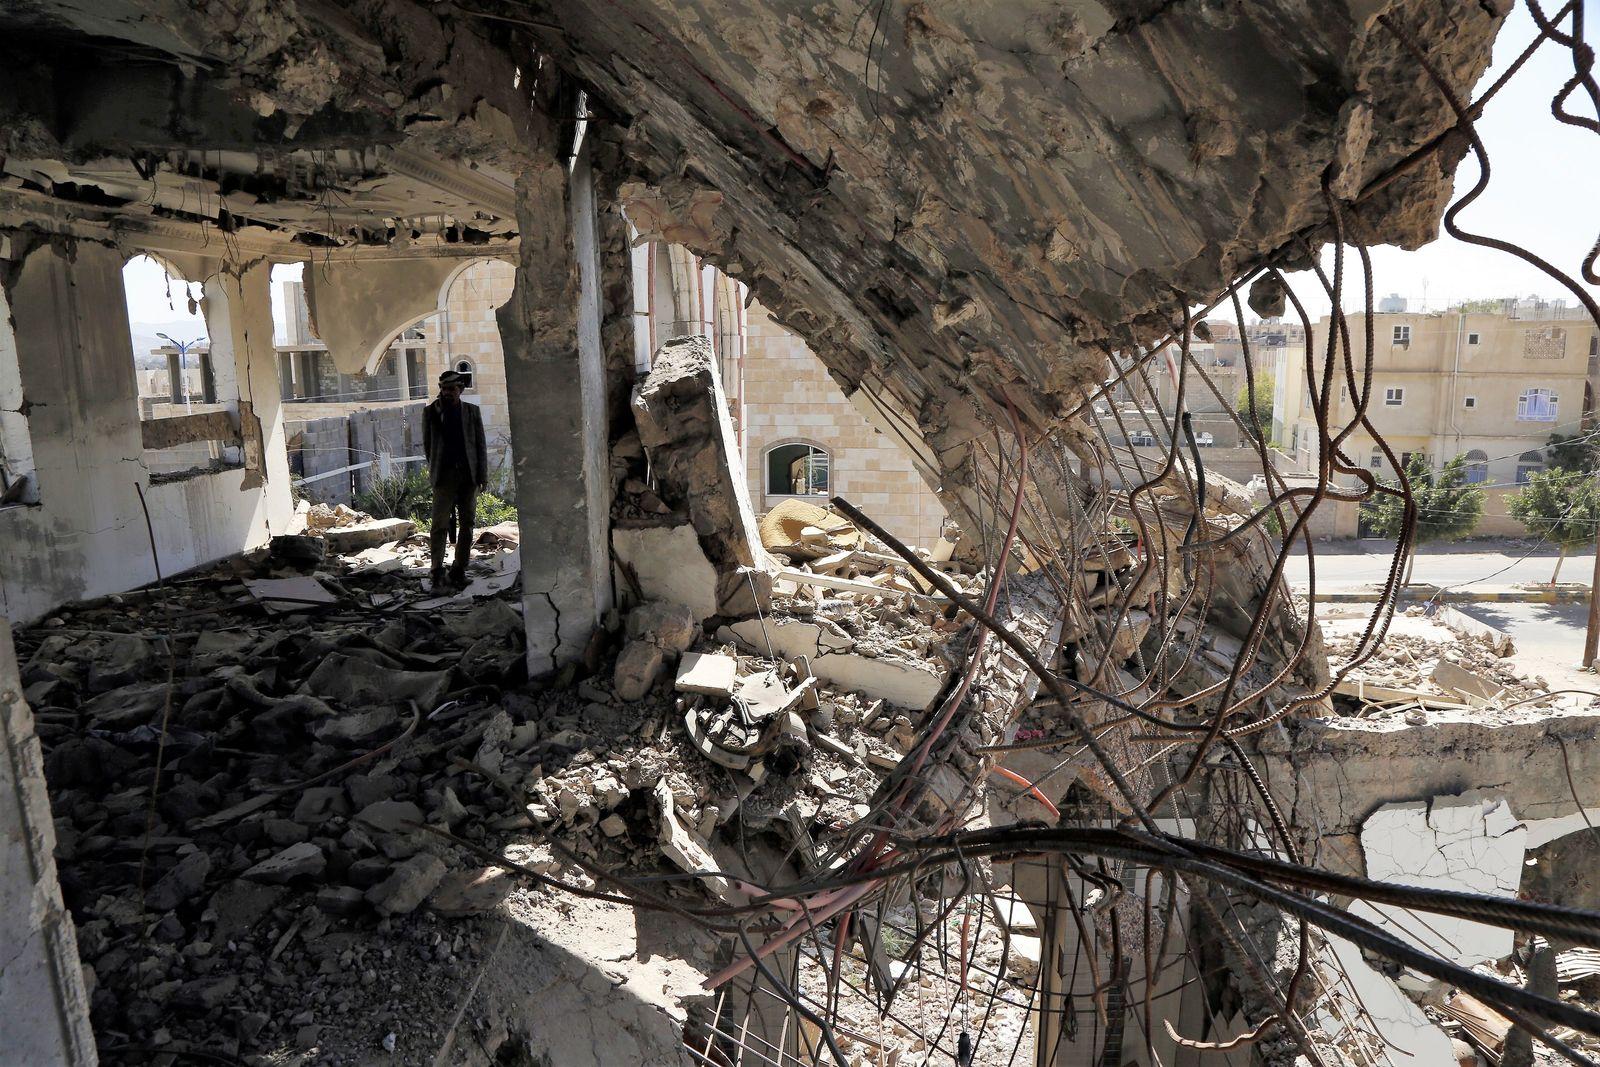 Lage im Jemen